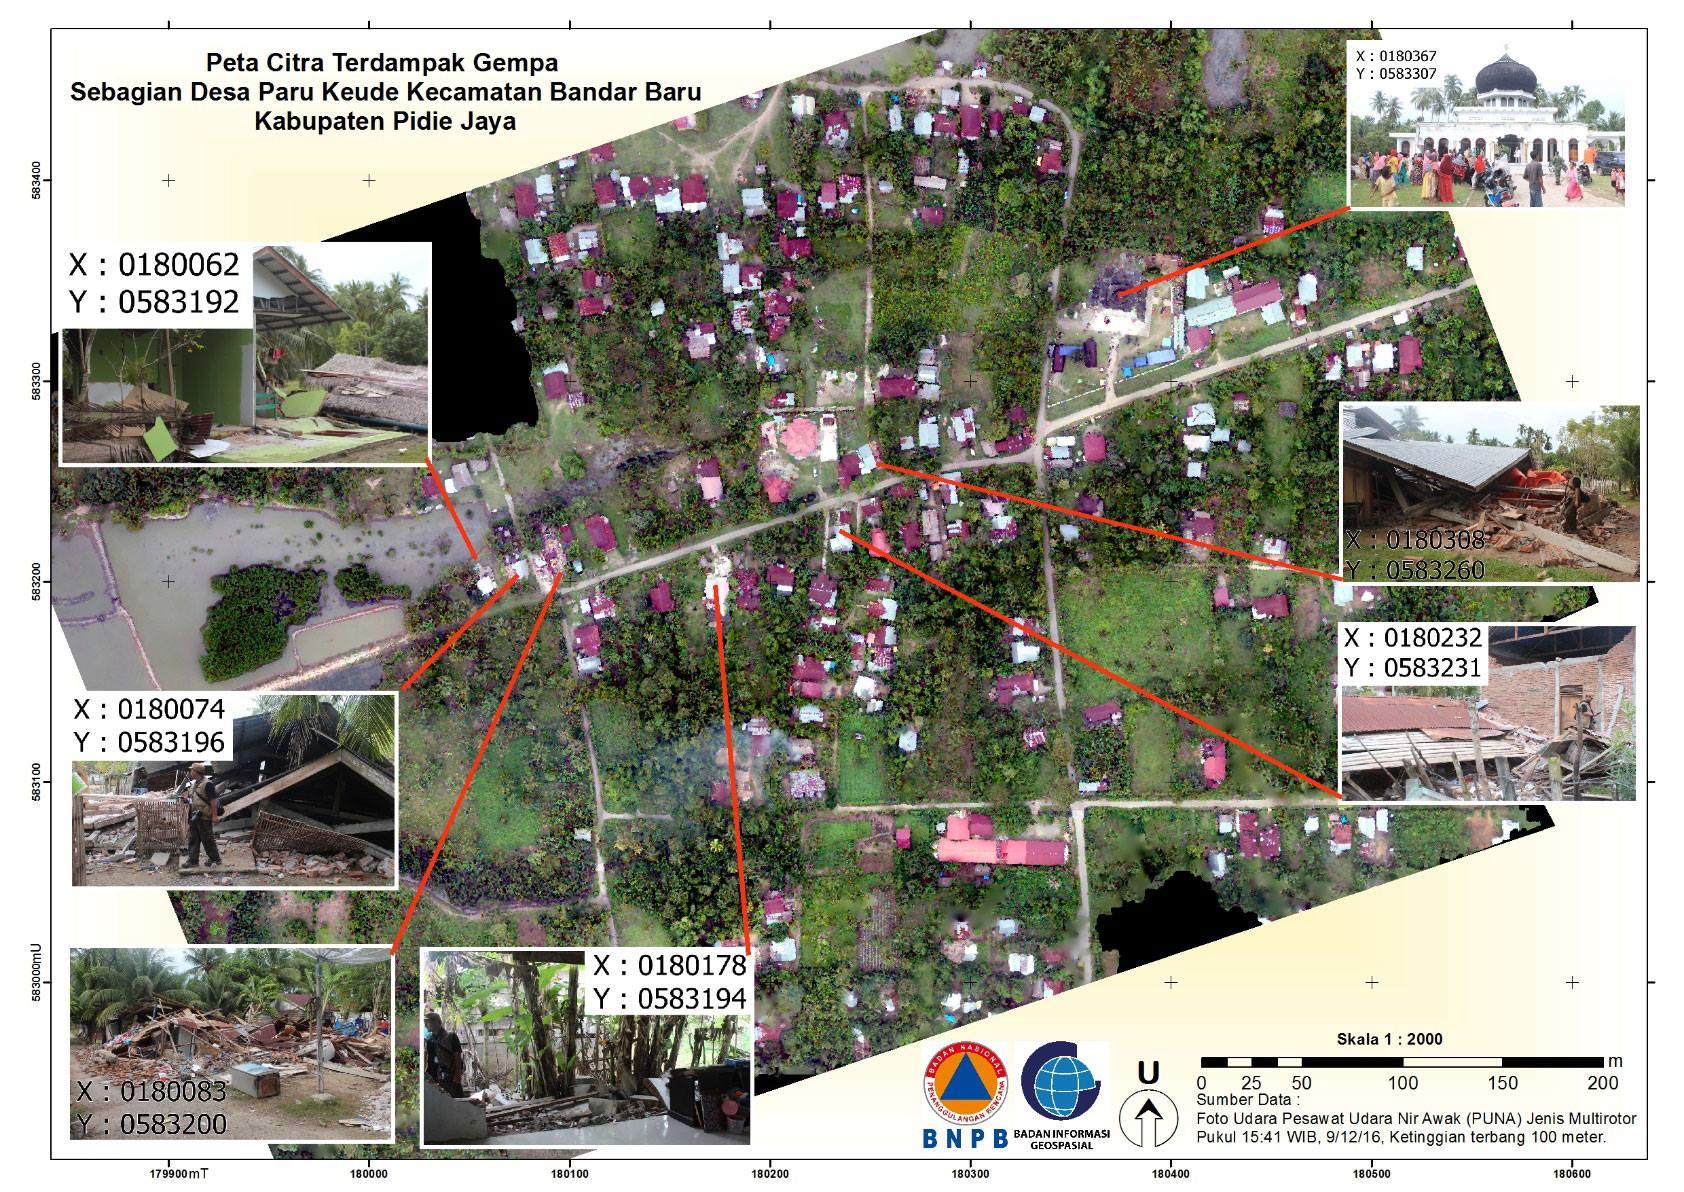 Peta dampak bencana gempa bumi sebagian Desa Paru Keude, Bandar Baru, Pidie Jaya